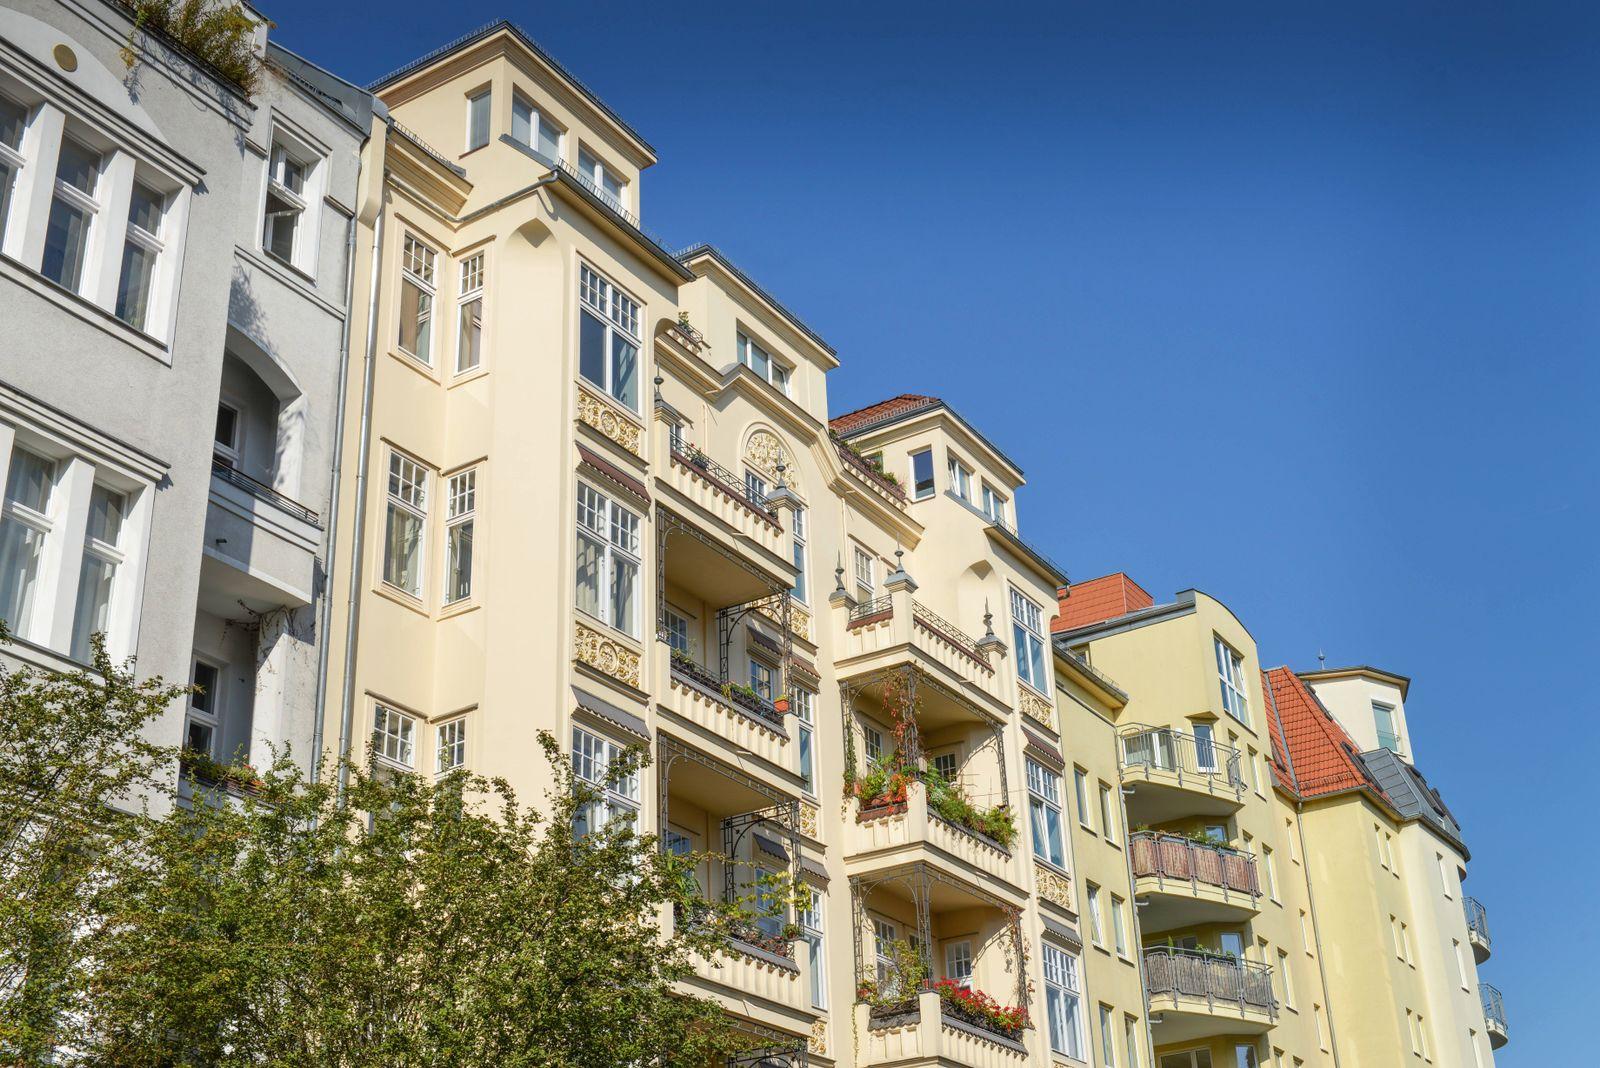 EINMALIGE VERWENDUNG Mietwohnungen Berlin / Miete / Wohnungen / Immobilien